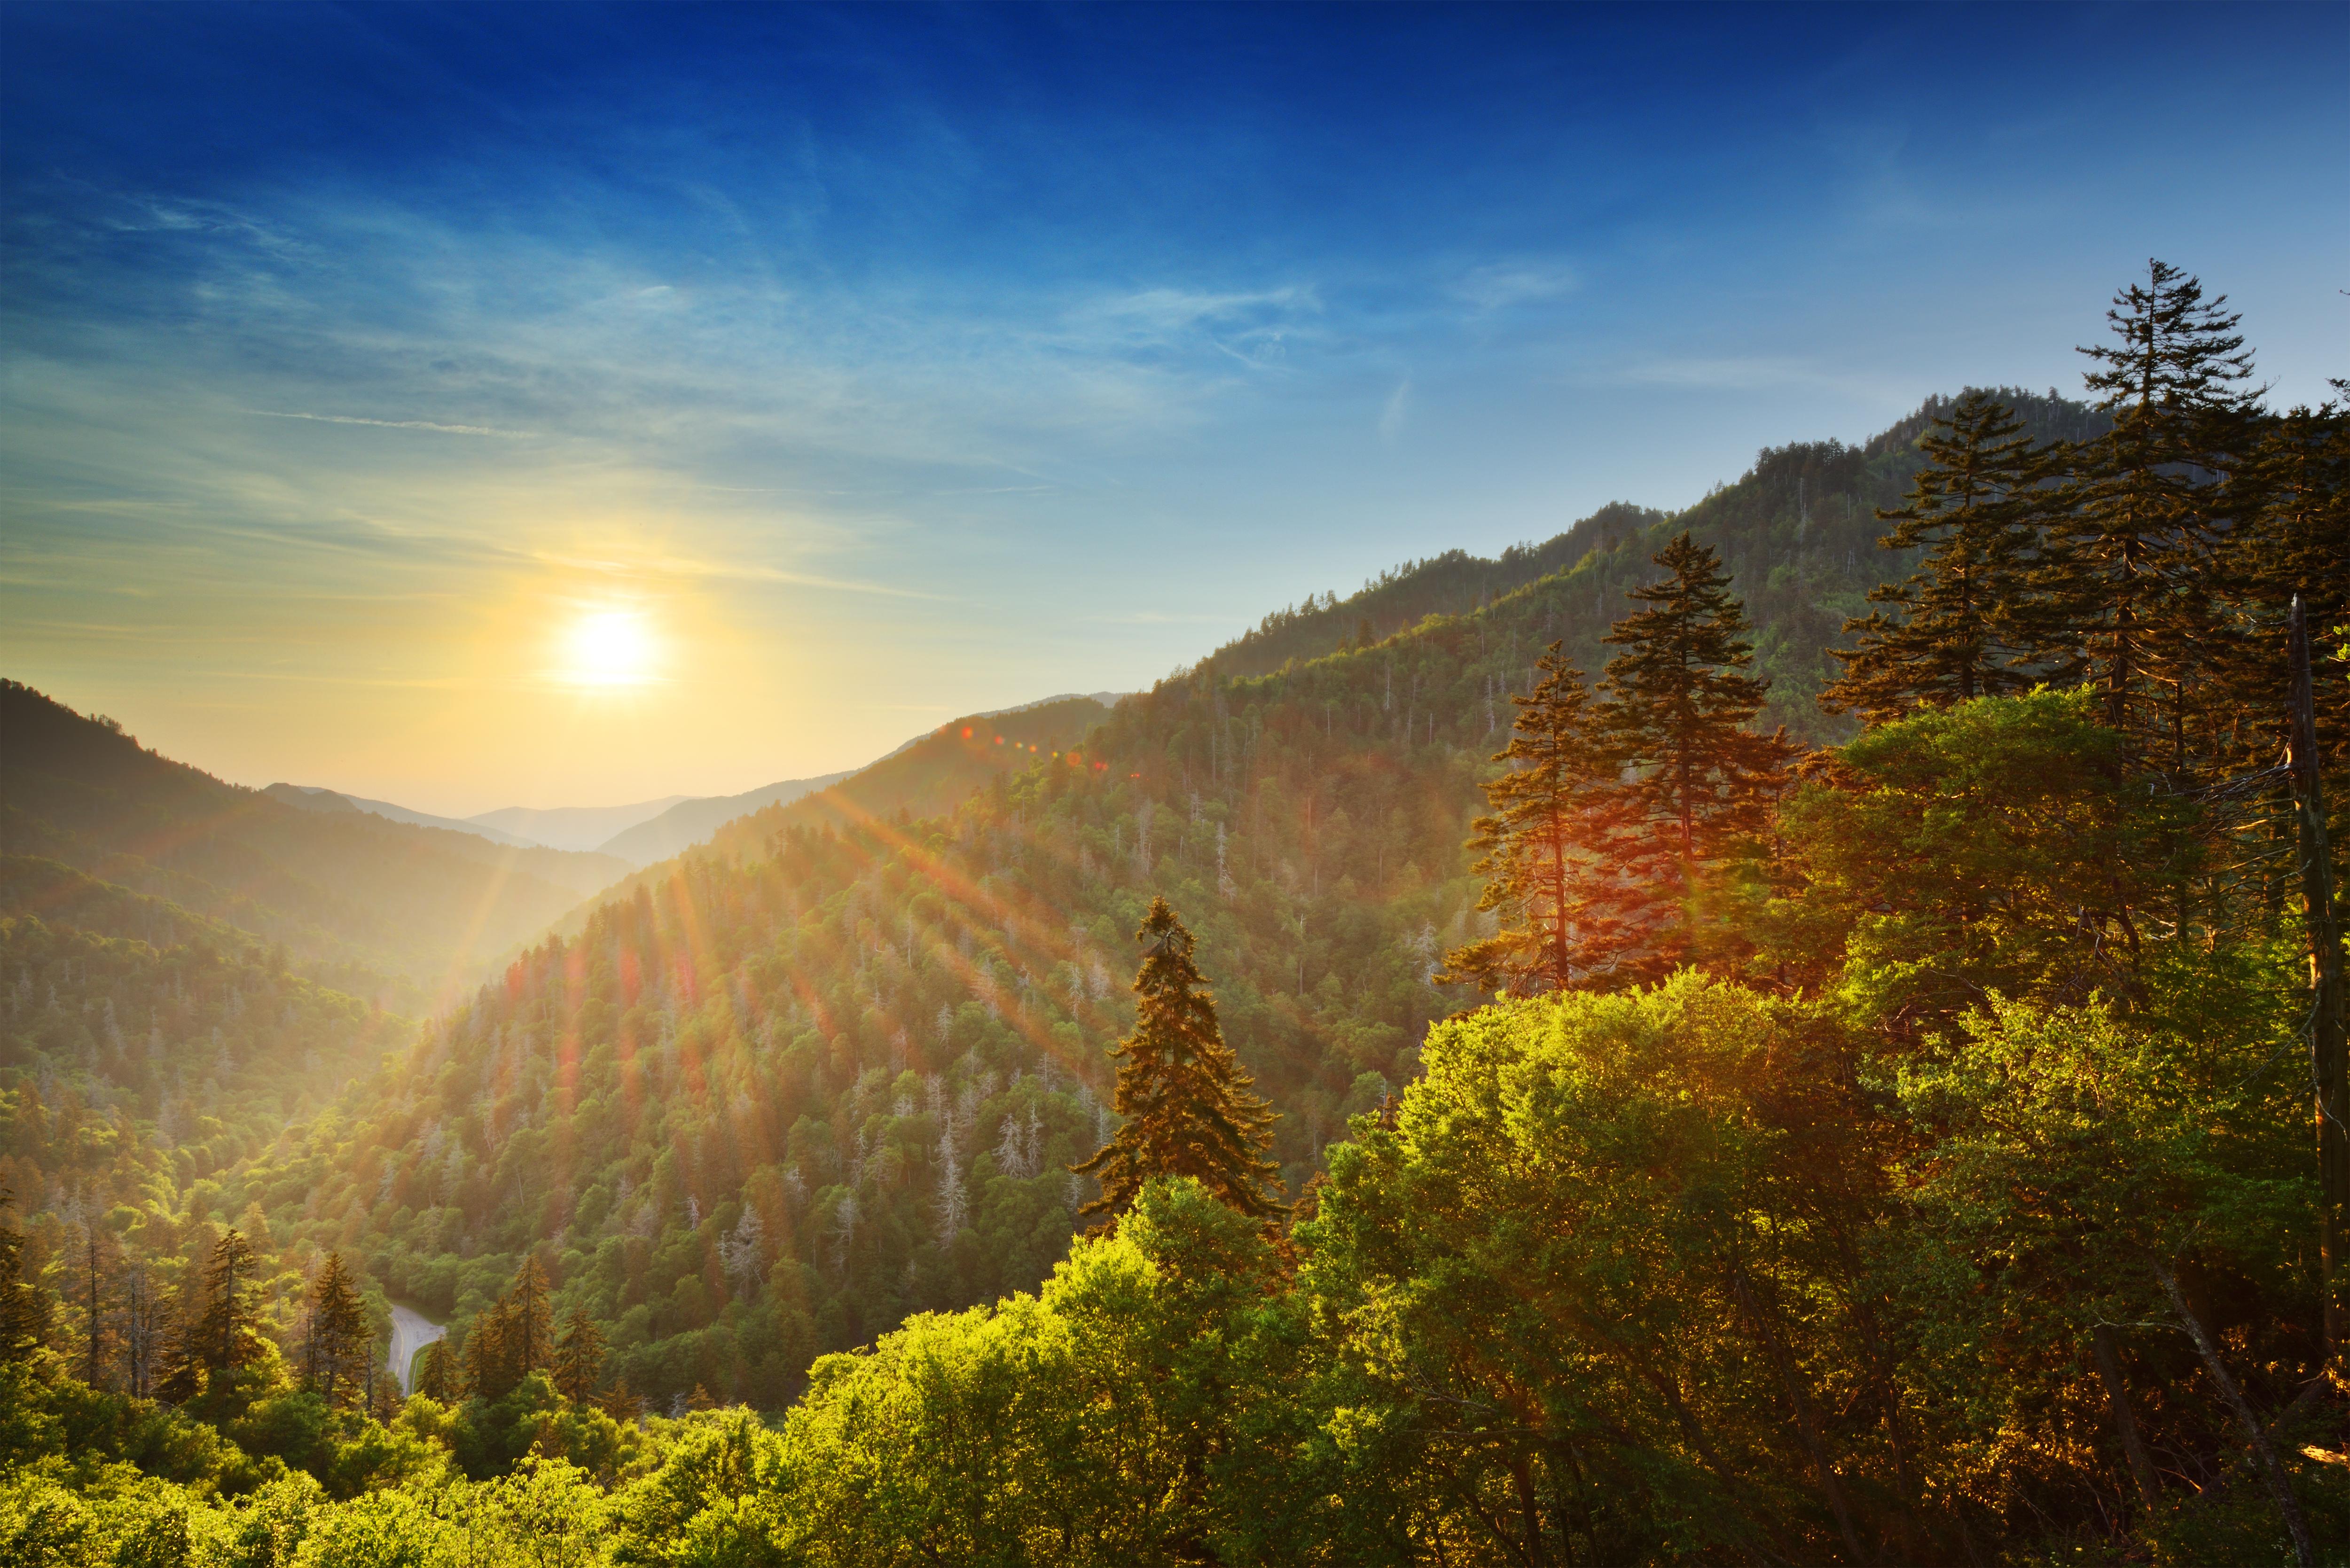 Smoky Mountain at sunset